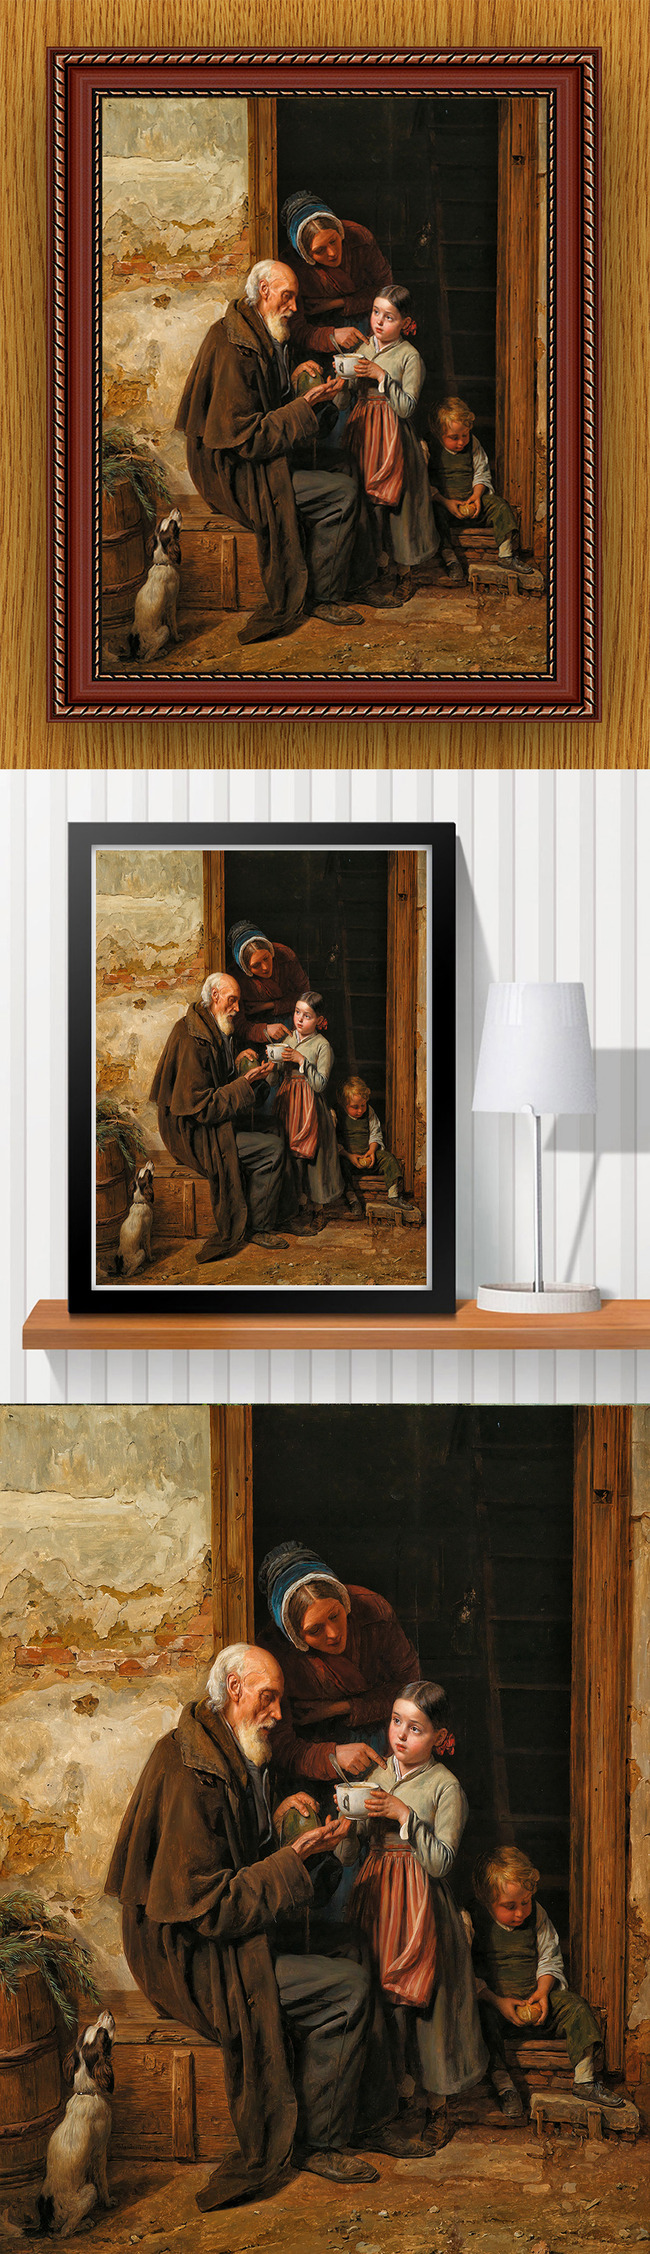 高清手绘欧式古典写实风格全家福油画